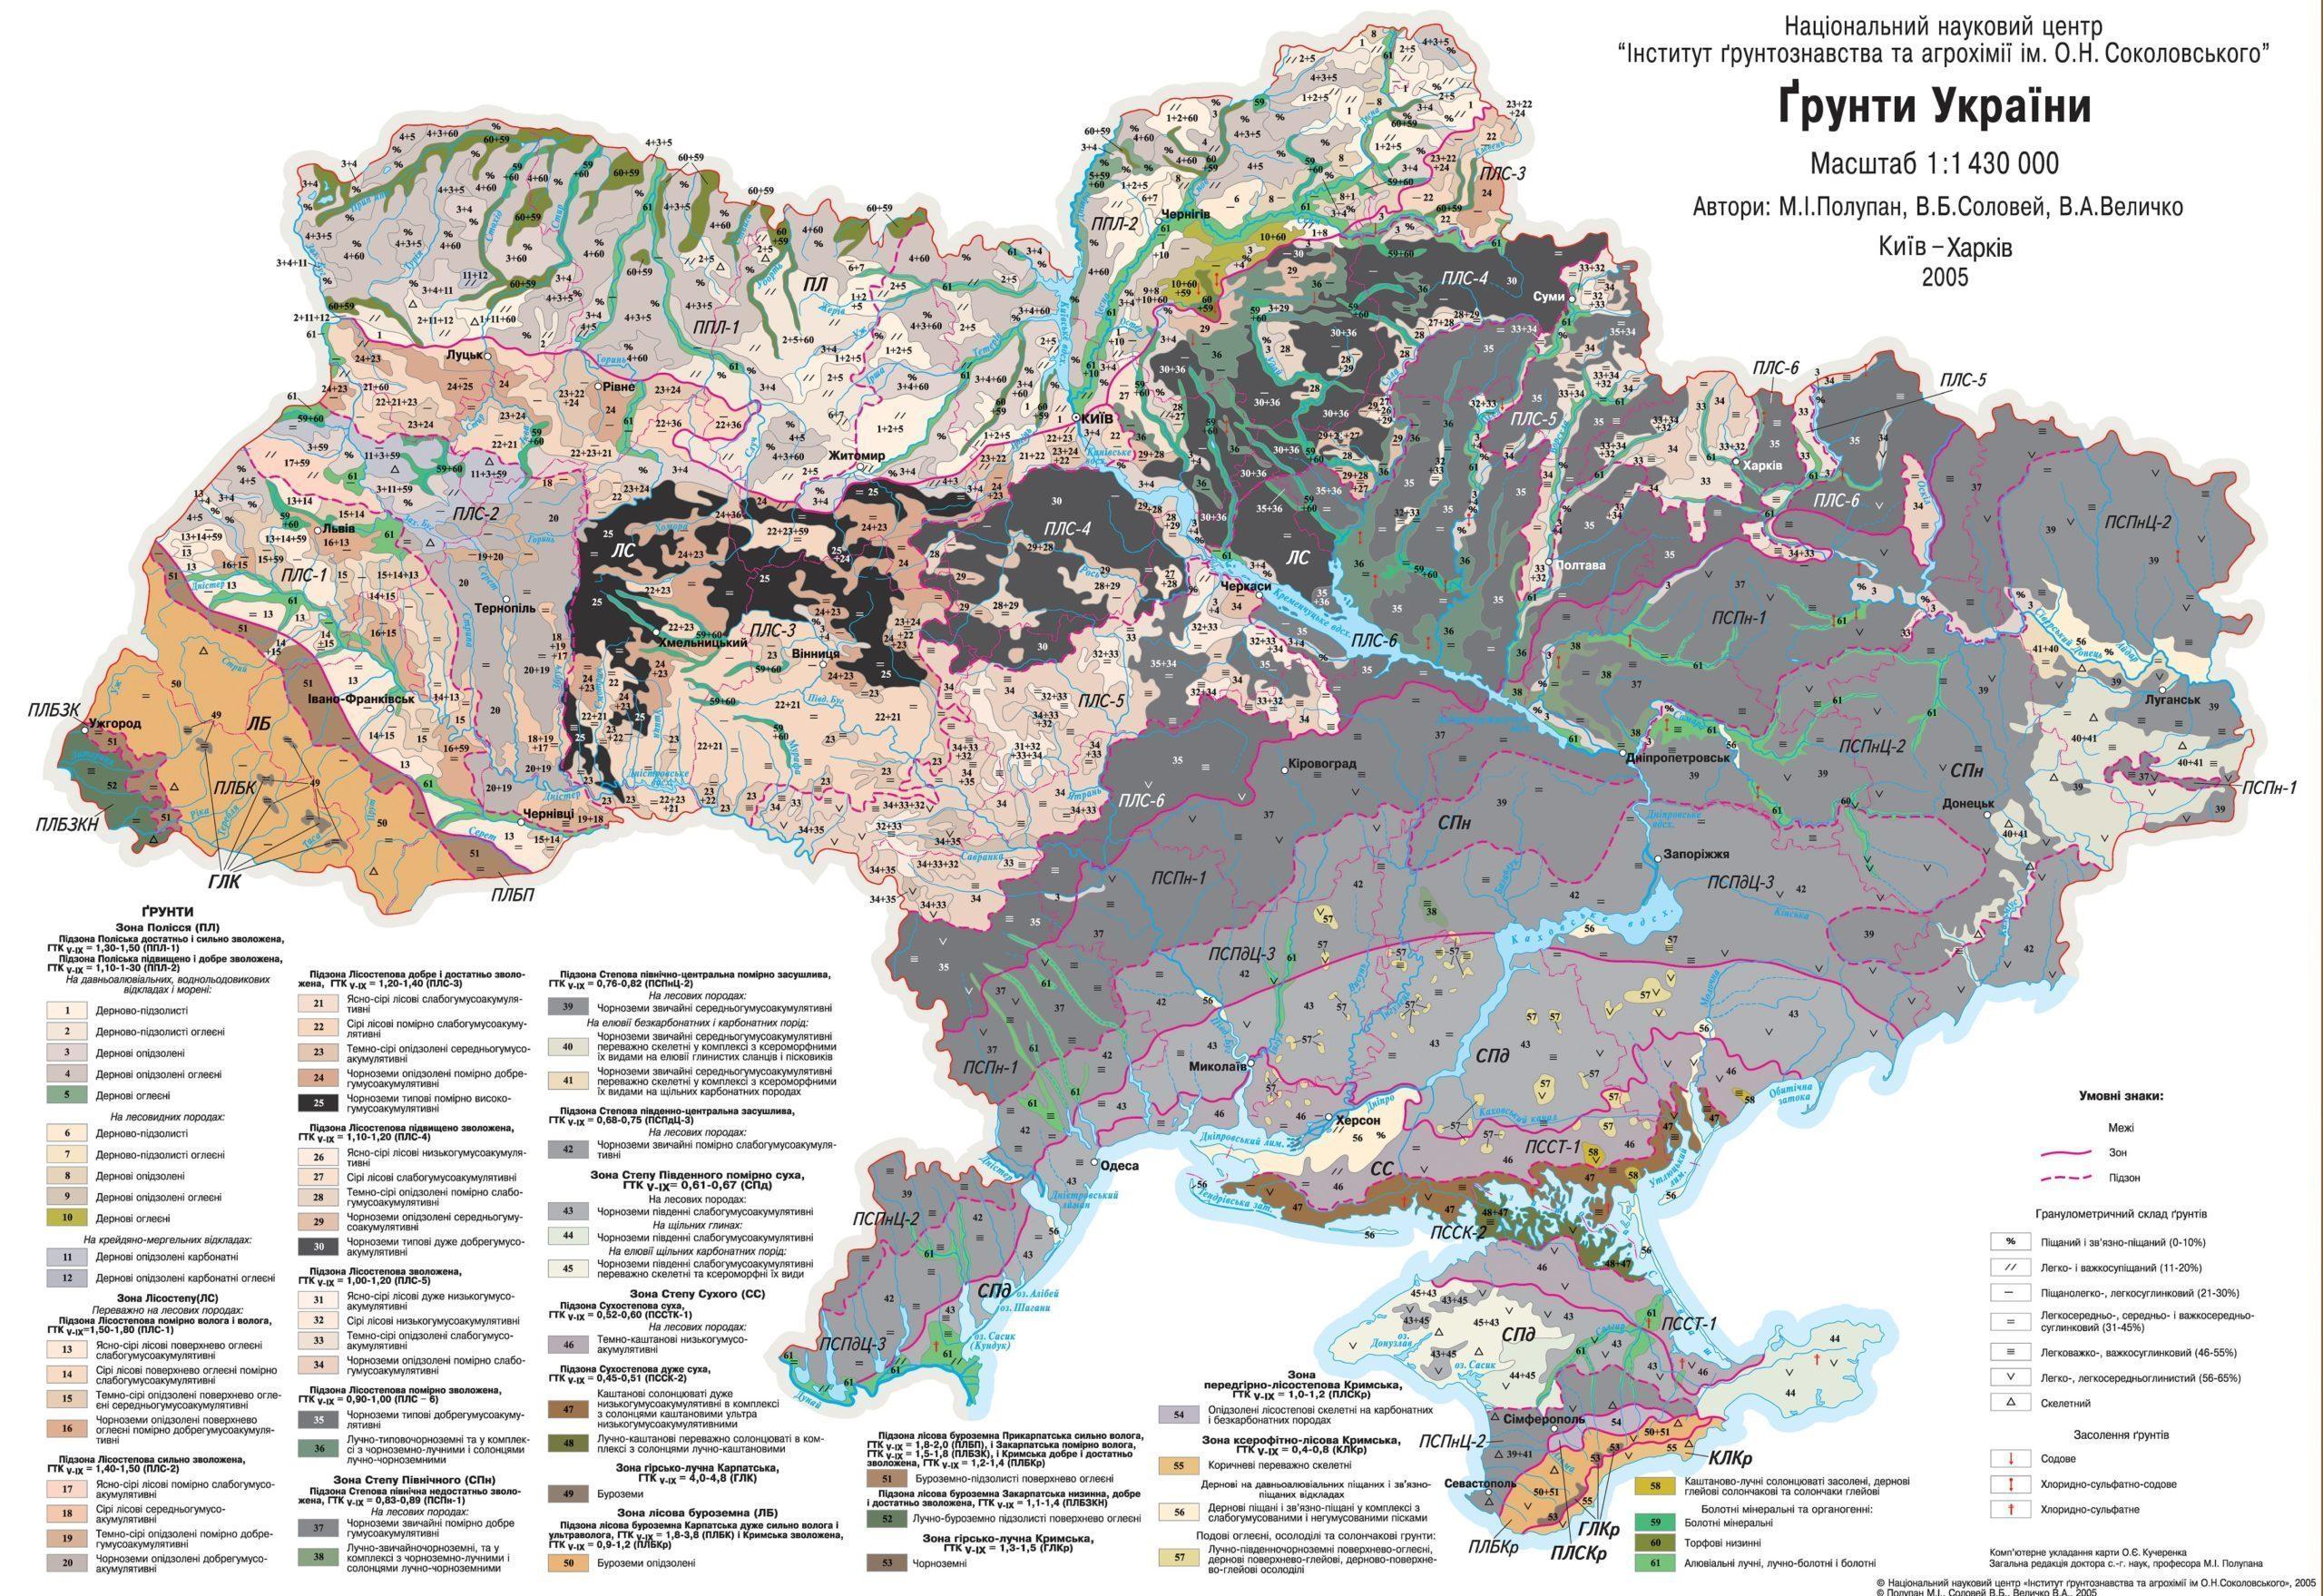 Картотека аграрія: Карта ґрунтів України